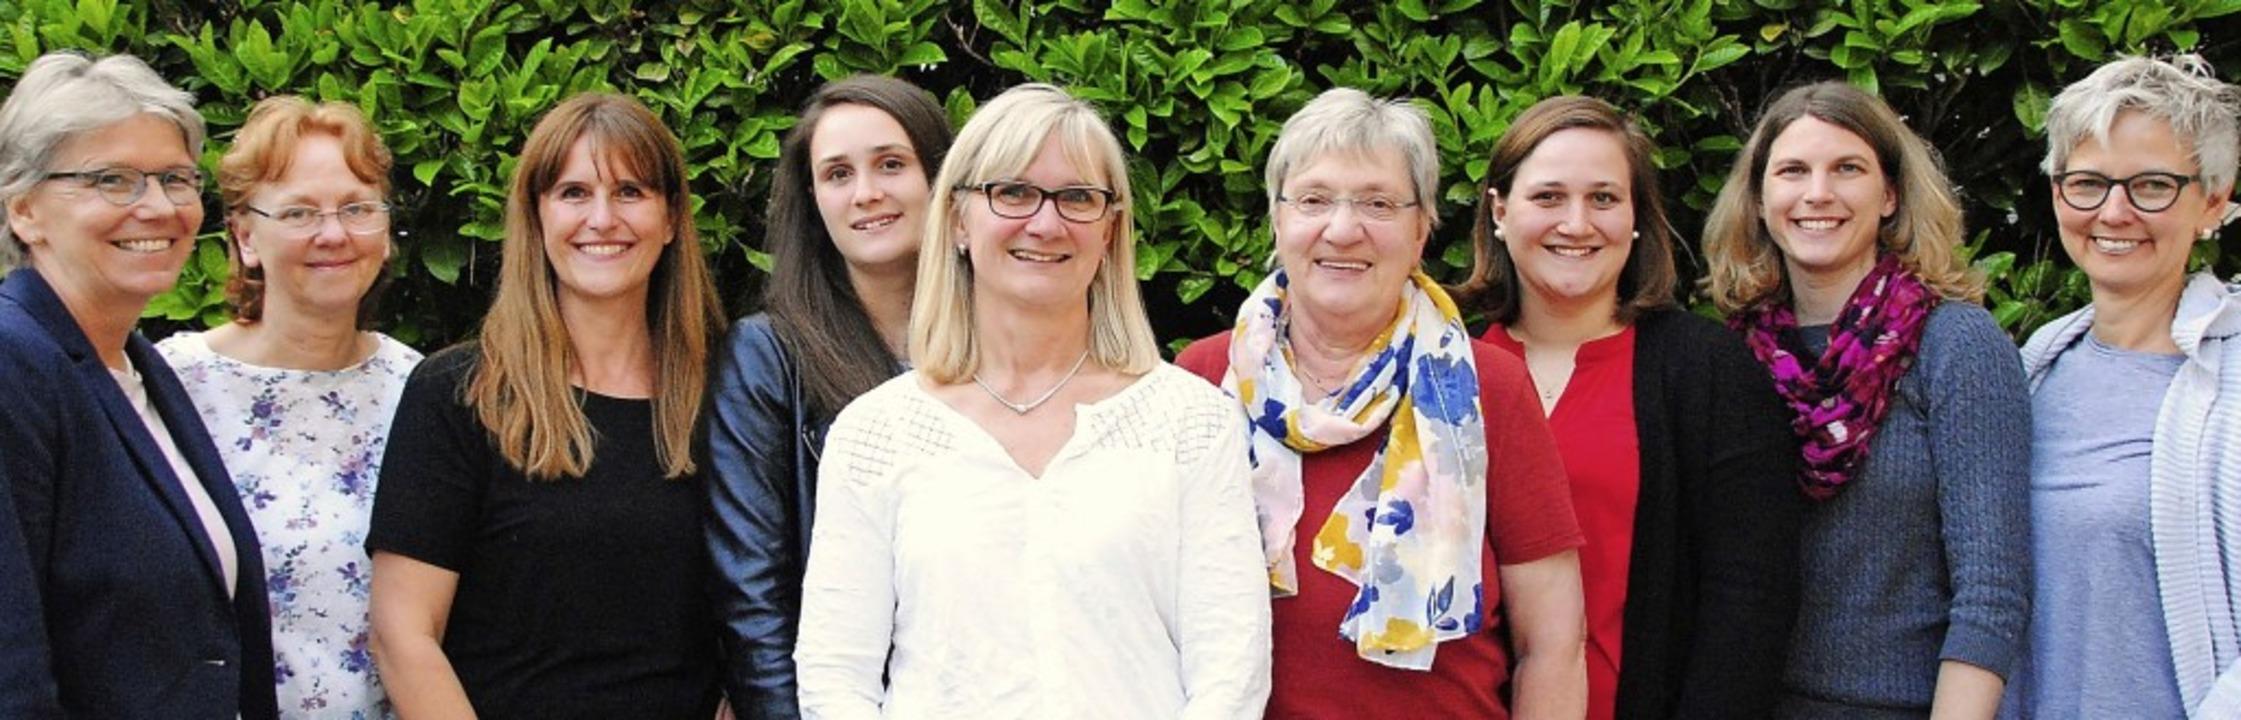 Das bewährte Vorstandsteam des Turnerb...) und Nicole Wyss (2. Schriftführerin)  | Foto: Sedlak